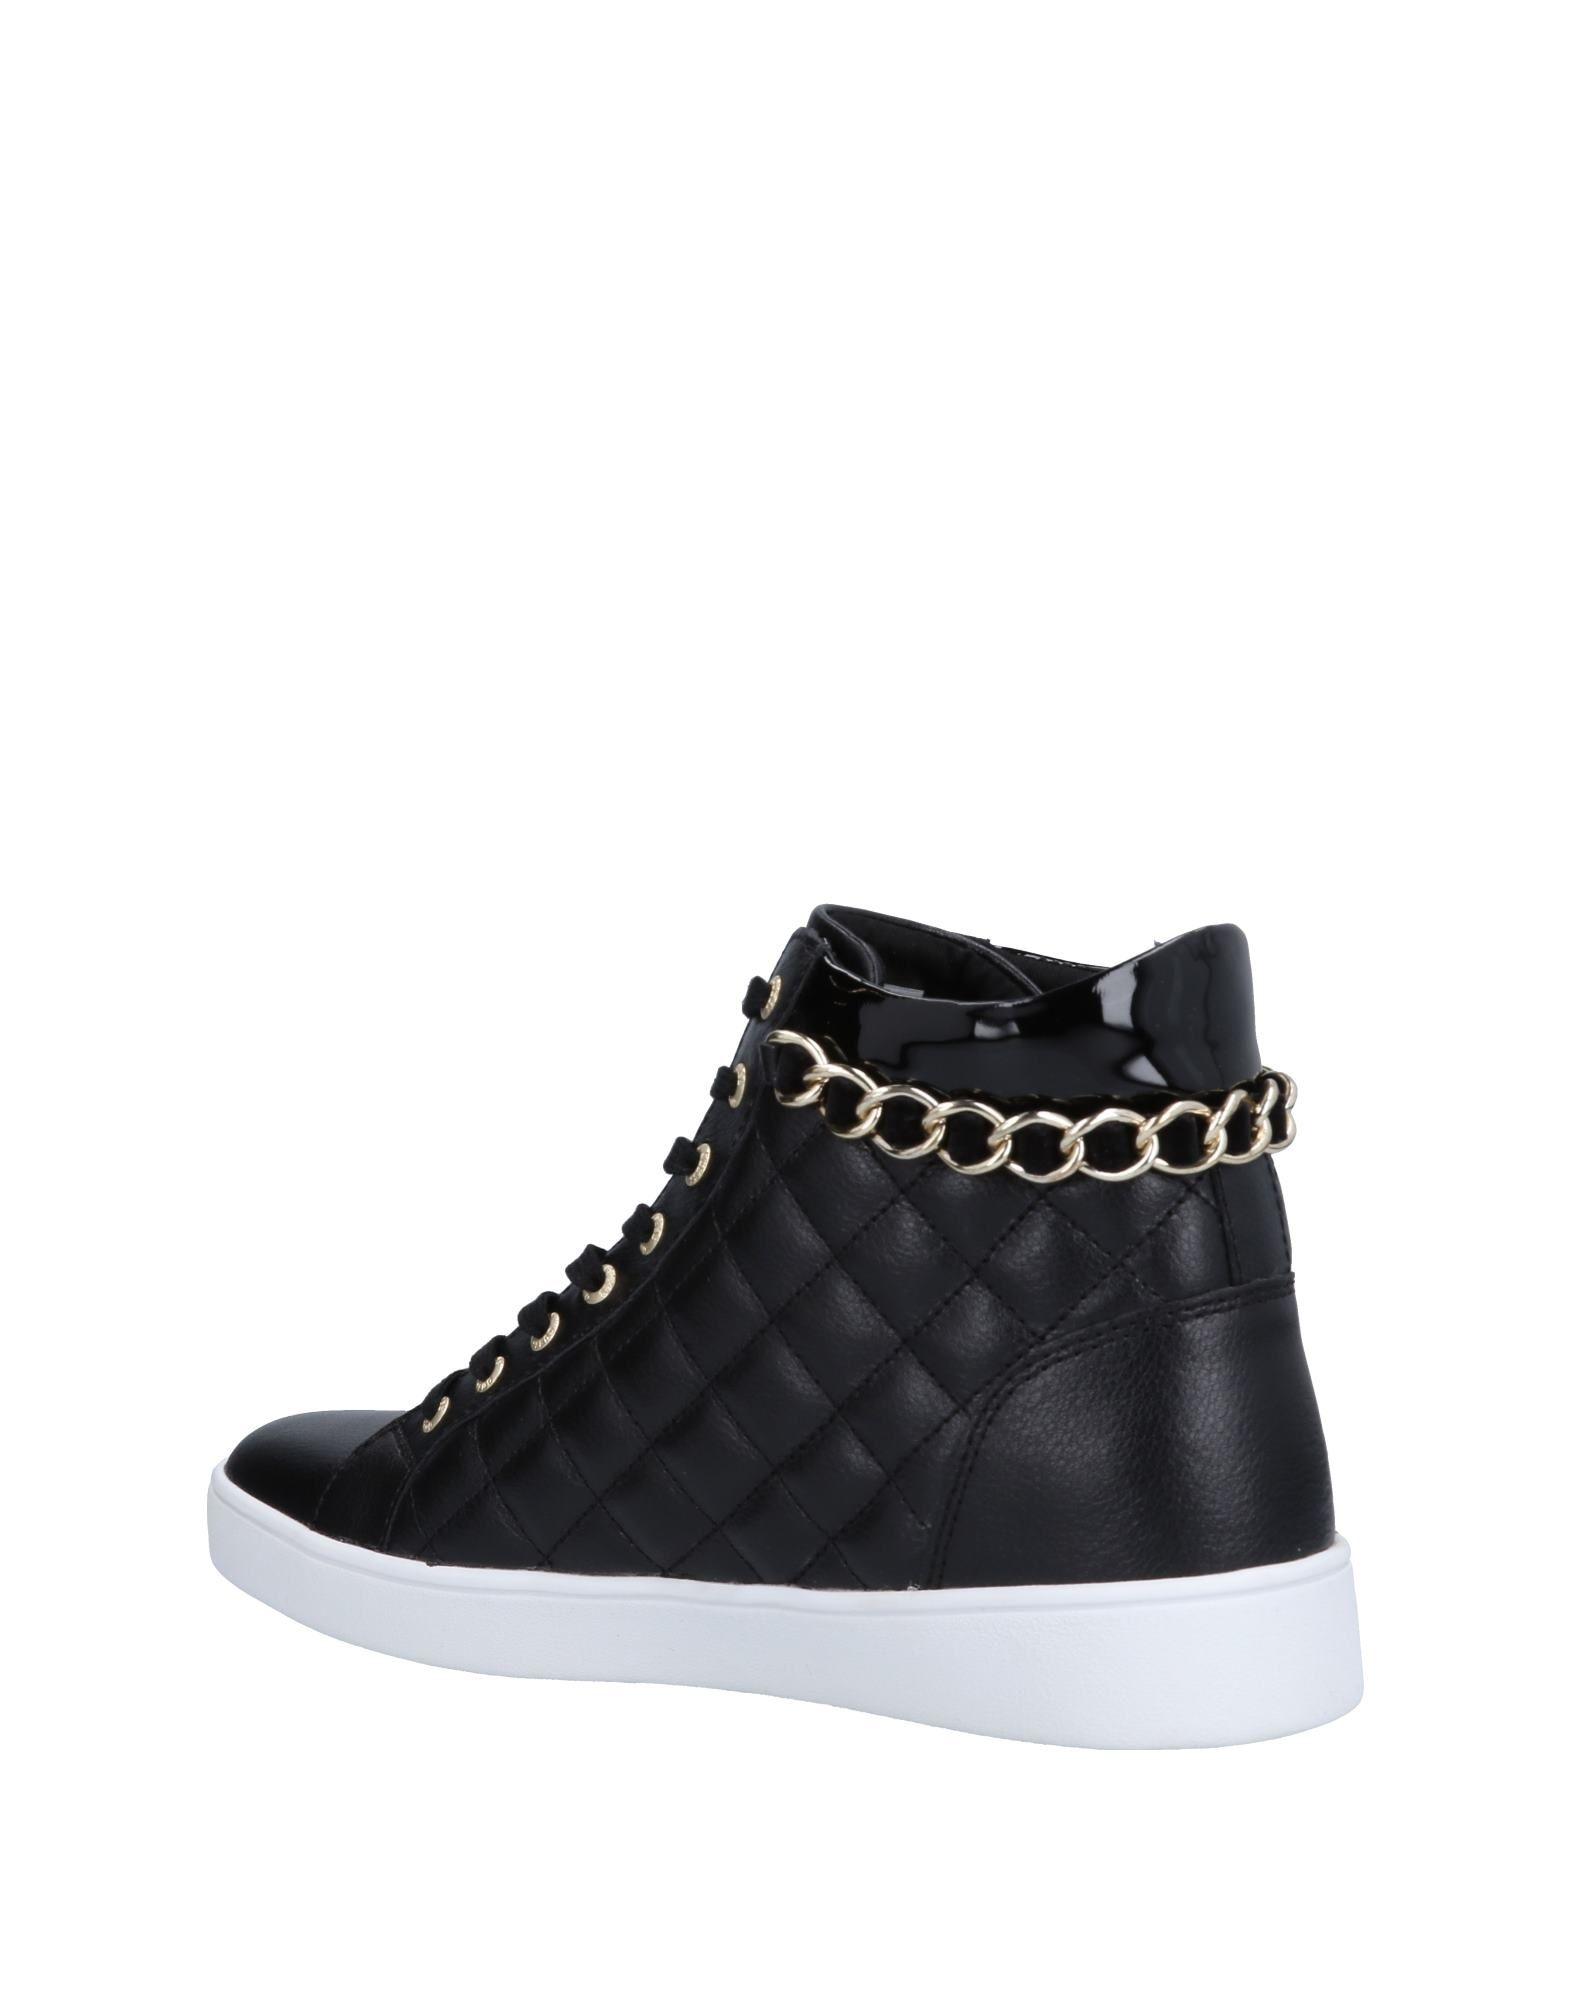 Guess Sneakers Damen  11498962KF Gute Qualität beliebte Schuhe